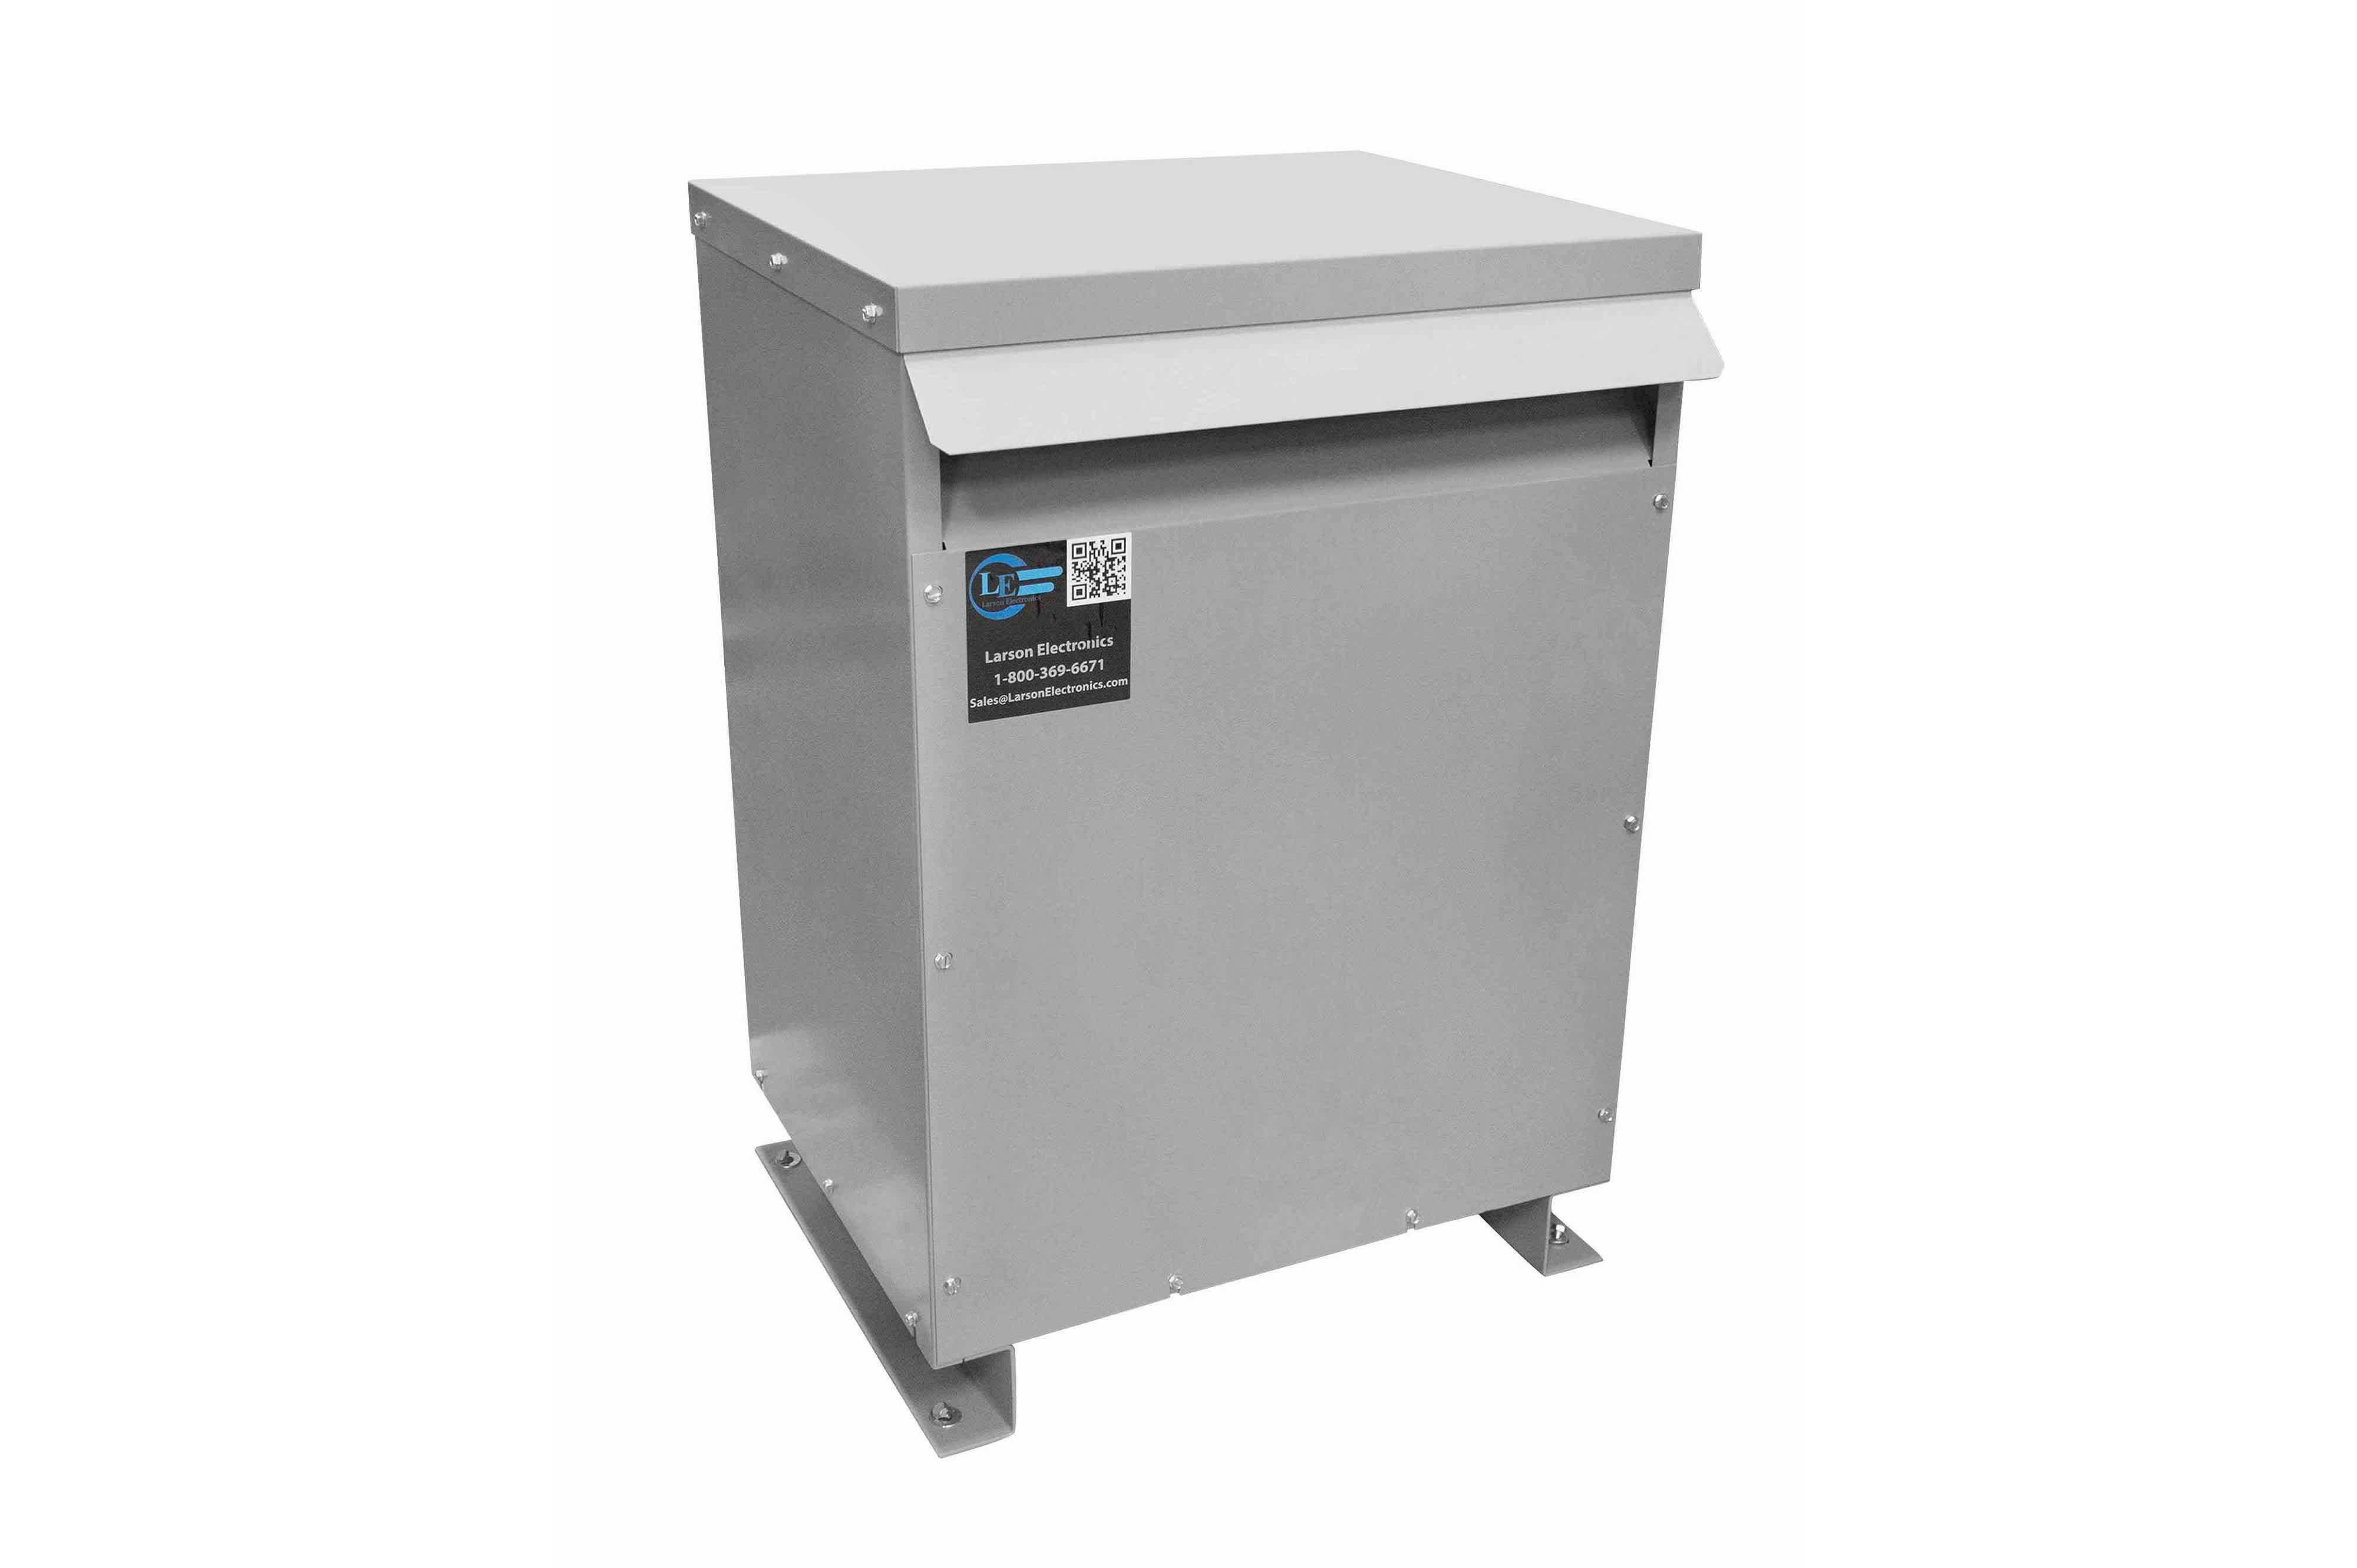 40 kVA 3PH Isolation Transformer, 240V Delta Primary, 400V Delta Secondary, N3R, Ventilated, 60 Hz